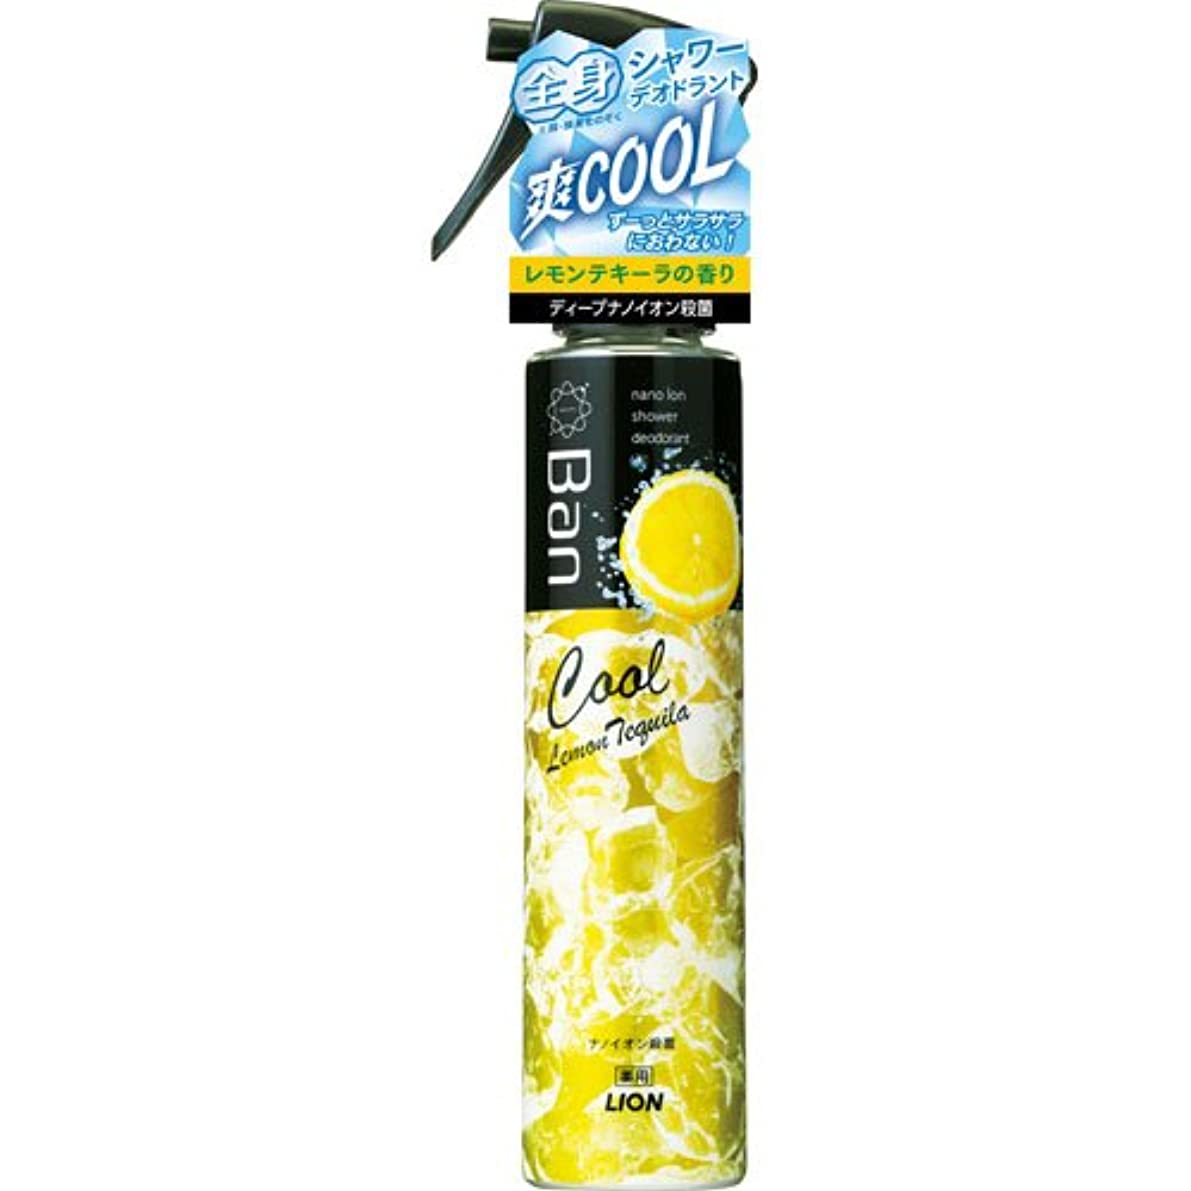 バラエティ有効化調査Ban シャワーデオドラントクールタイプ レモンテキーラの香り 120ml (医薬部外品)